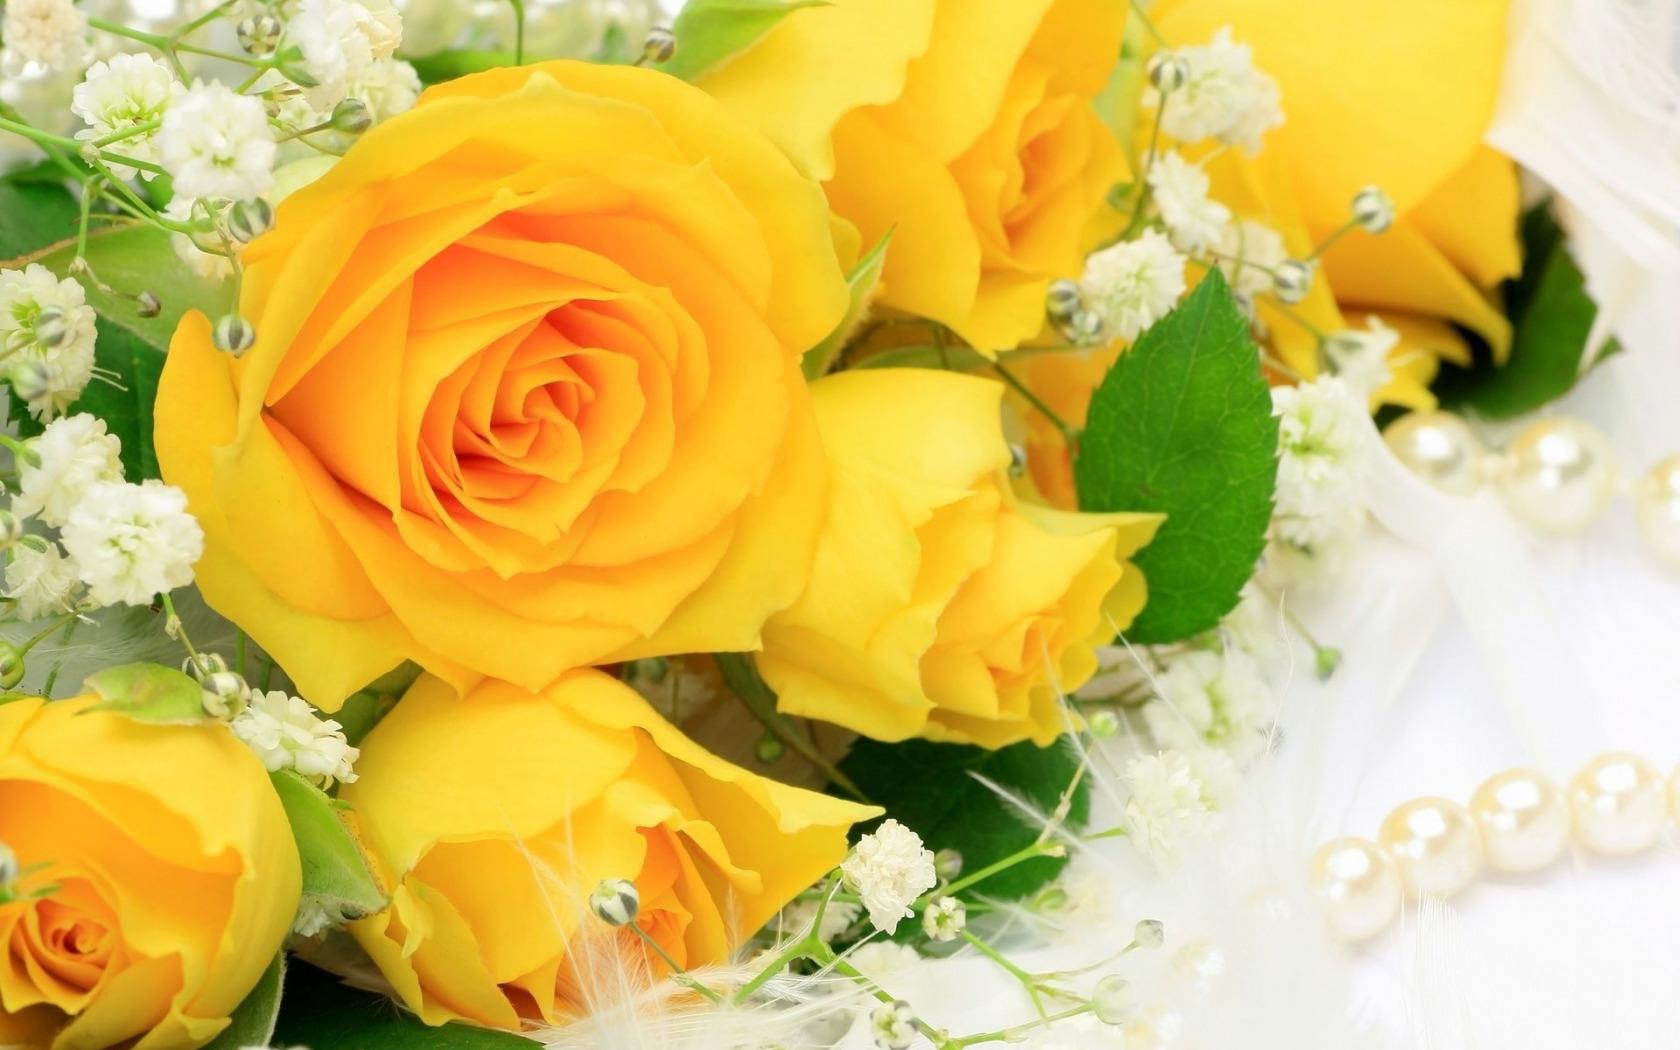 Что означают желтые цветы в подарок 91